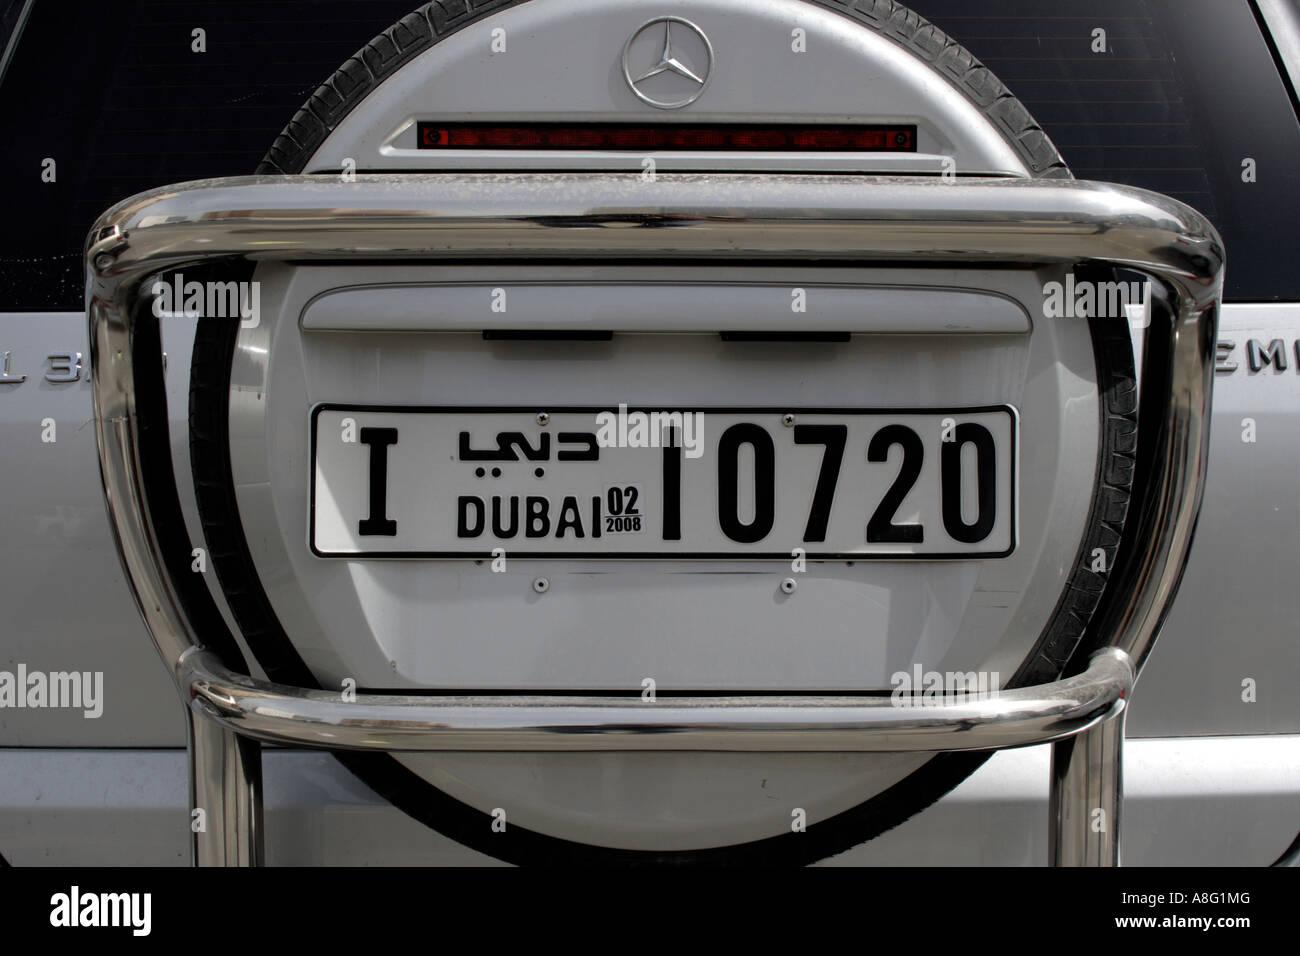 Dubai Mercedes Benz off Road-Kfz-Kennzeichen. Foto: Willy Matheisl ...